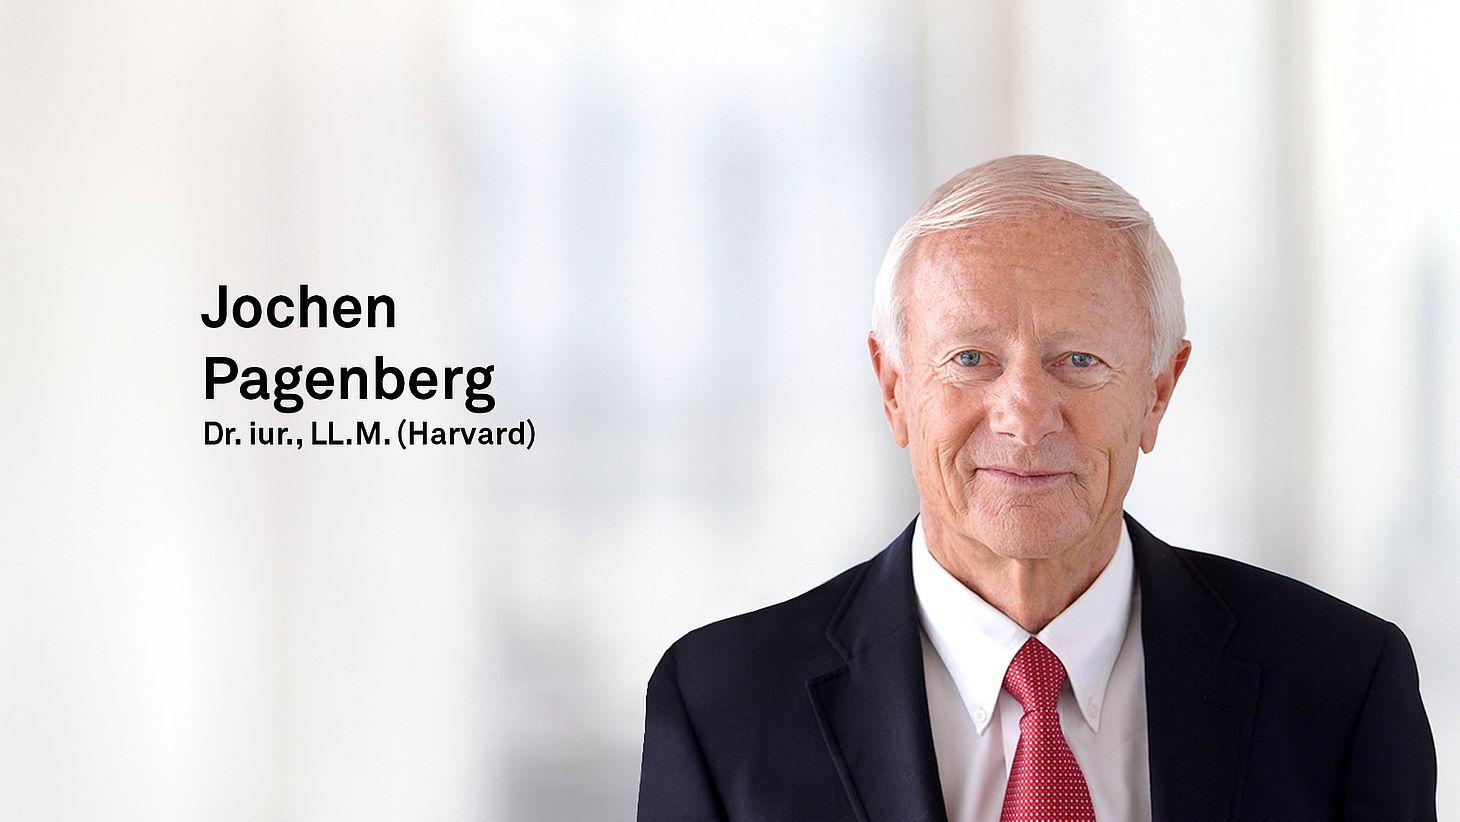 Dr. iur., LL.M. (Harvard) Jochen Pagenberg